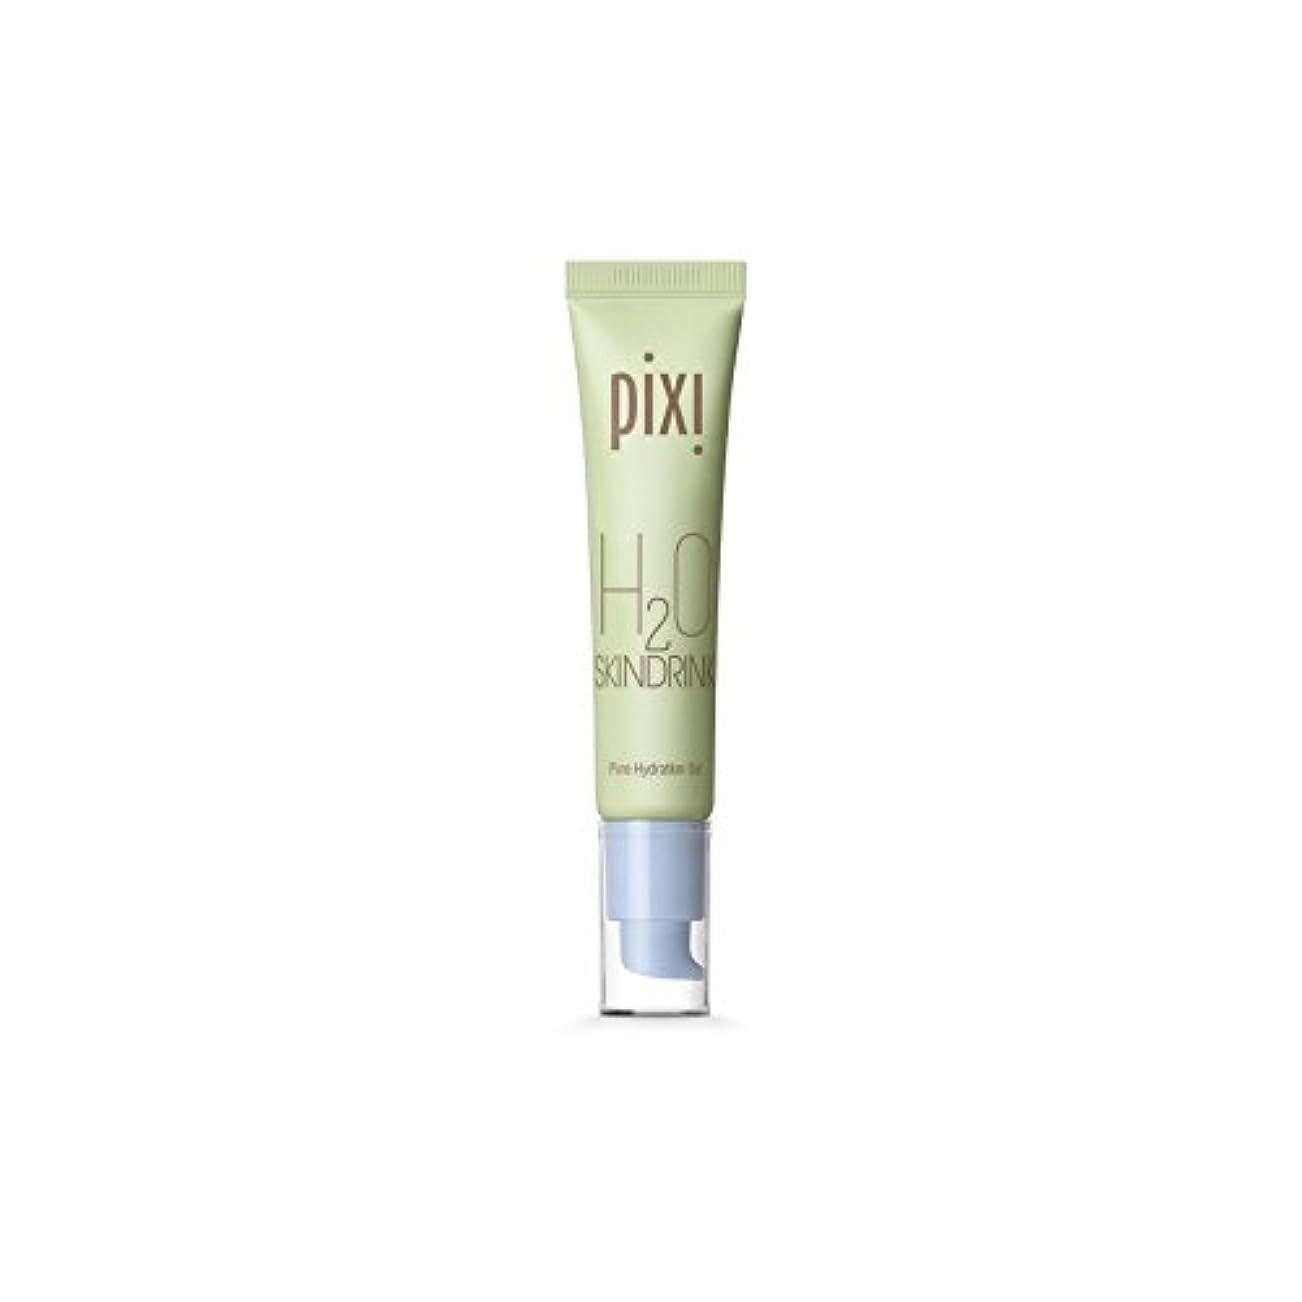 たまに規模ネット20スキンドリンク x4 - Pixi H20 Skin Drink (Pack of 4) [並行輸入品]